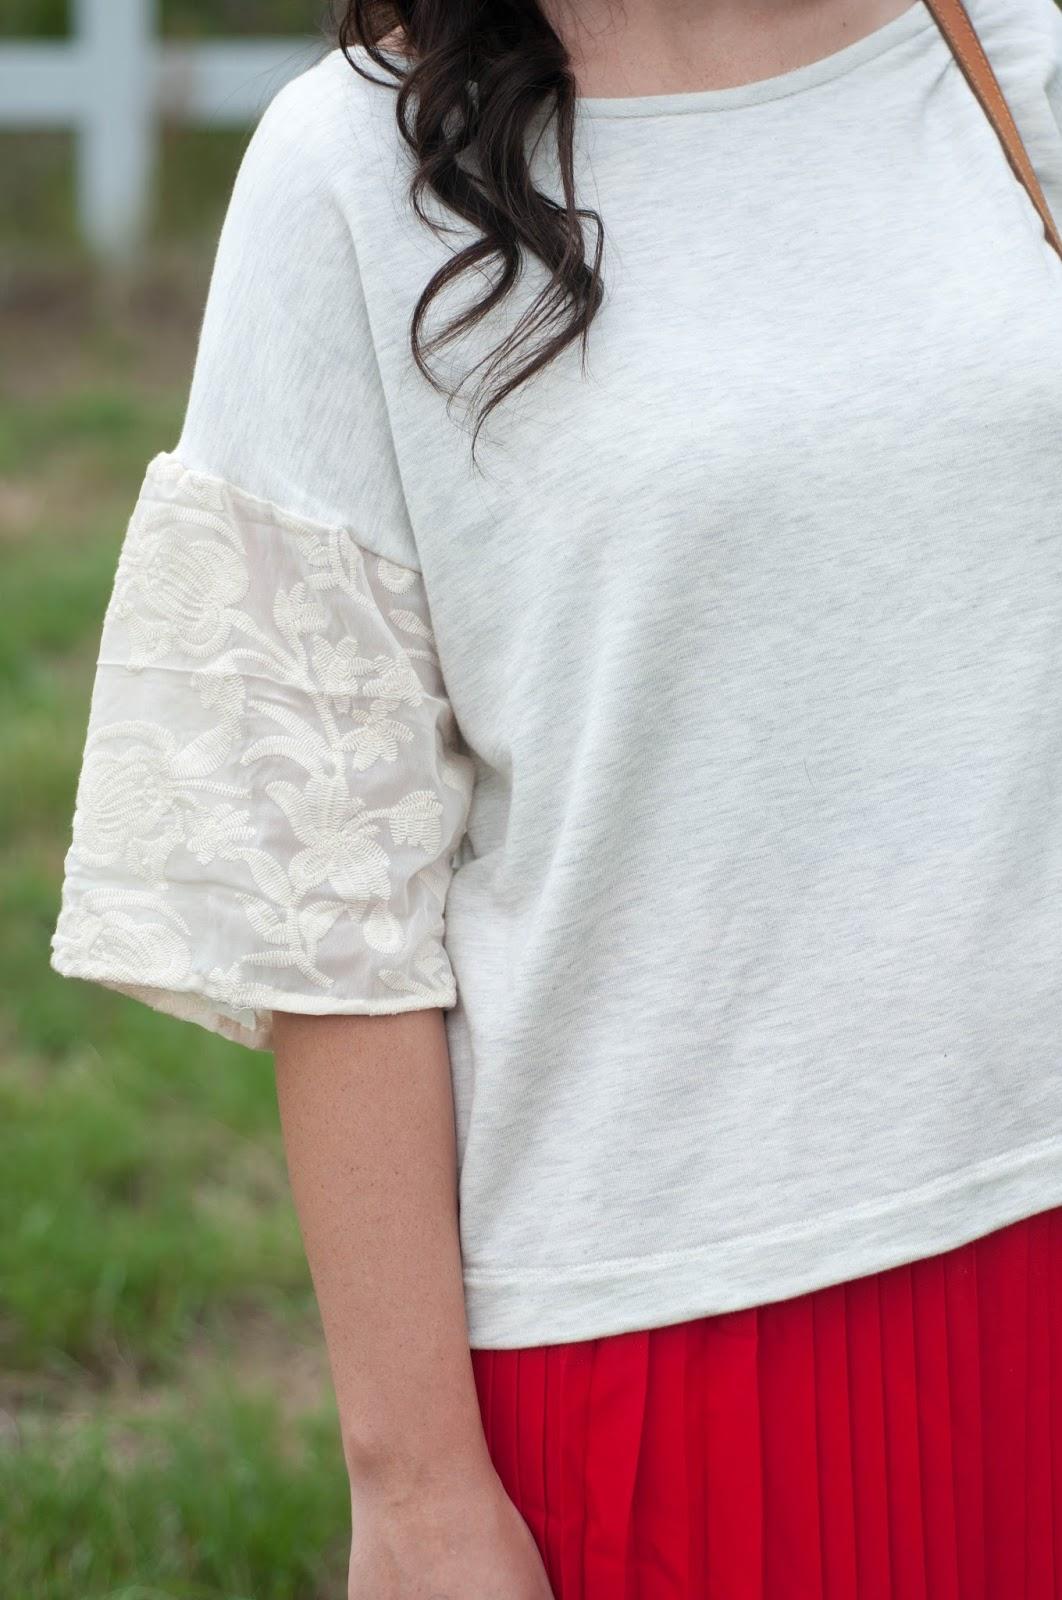 lace sleeves, big sleeves, anthropologie top, anthropologie ootd, lands end skirt, curly brown hair